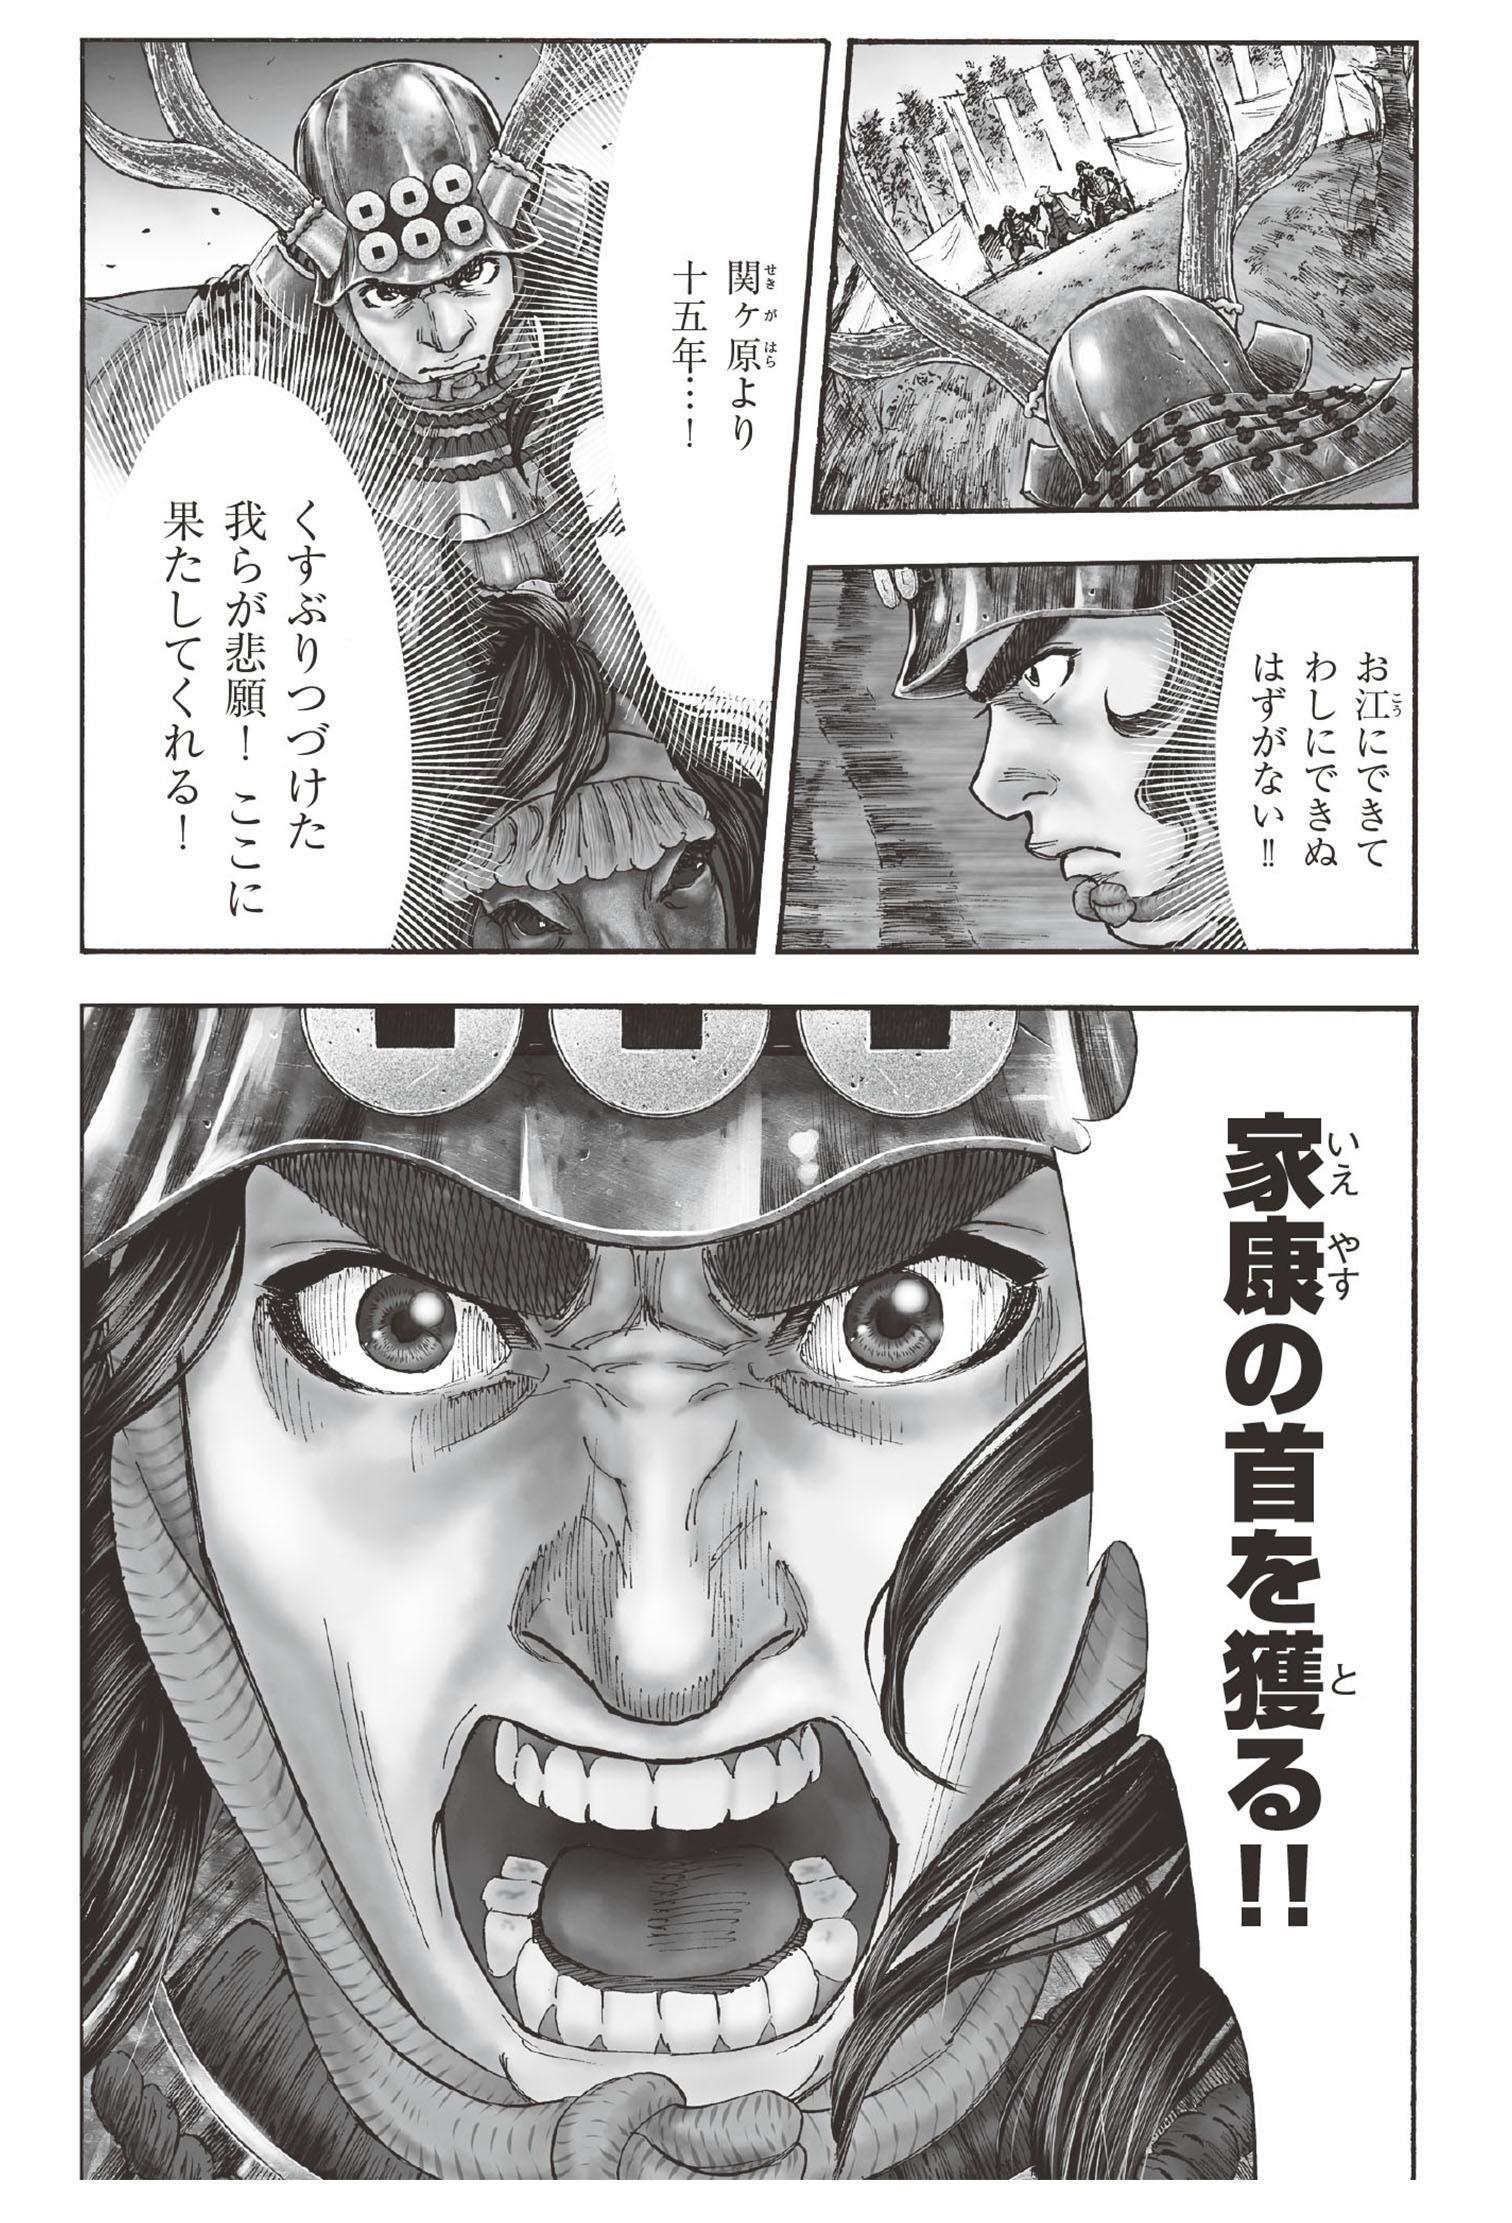 真田太平記 第0話「日本一の兵」①sanada01_008.jpg